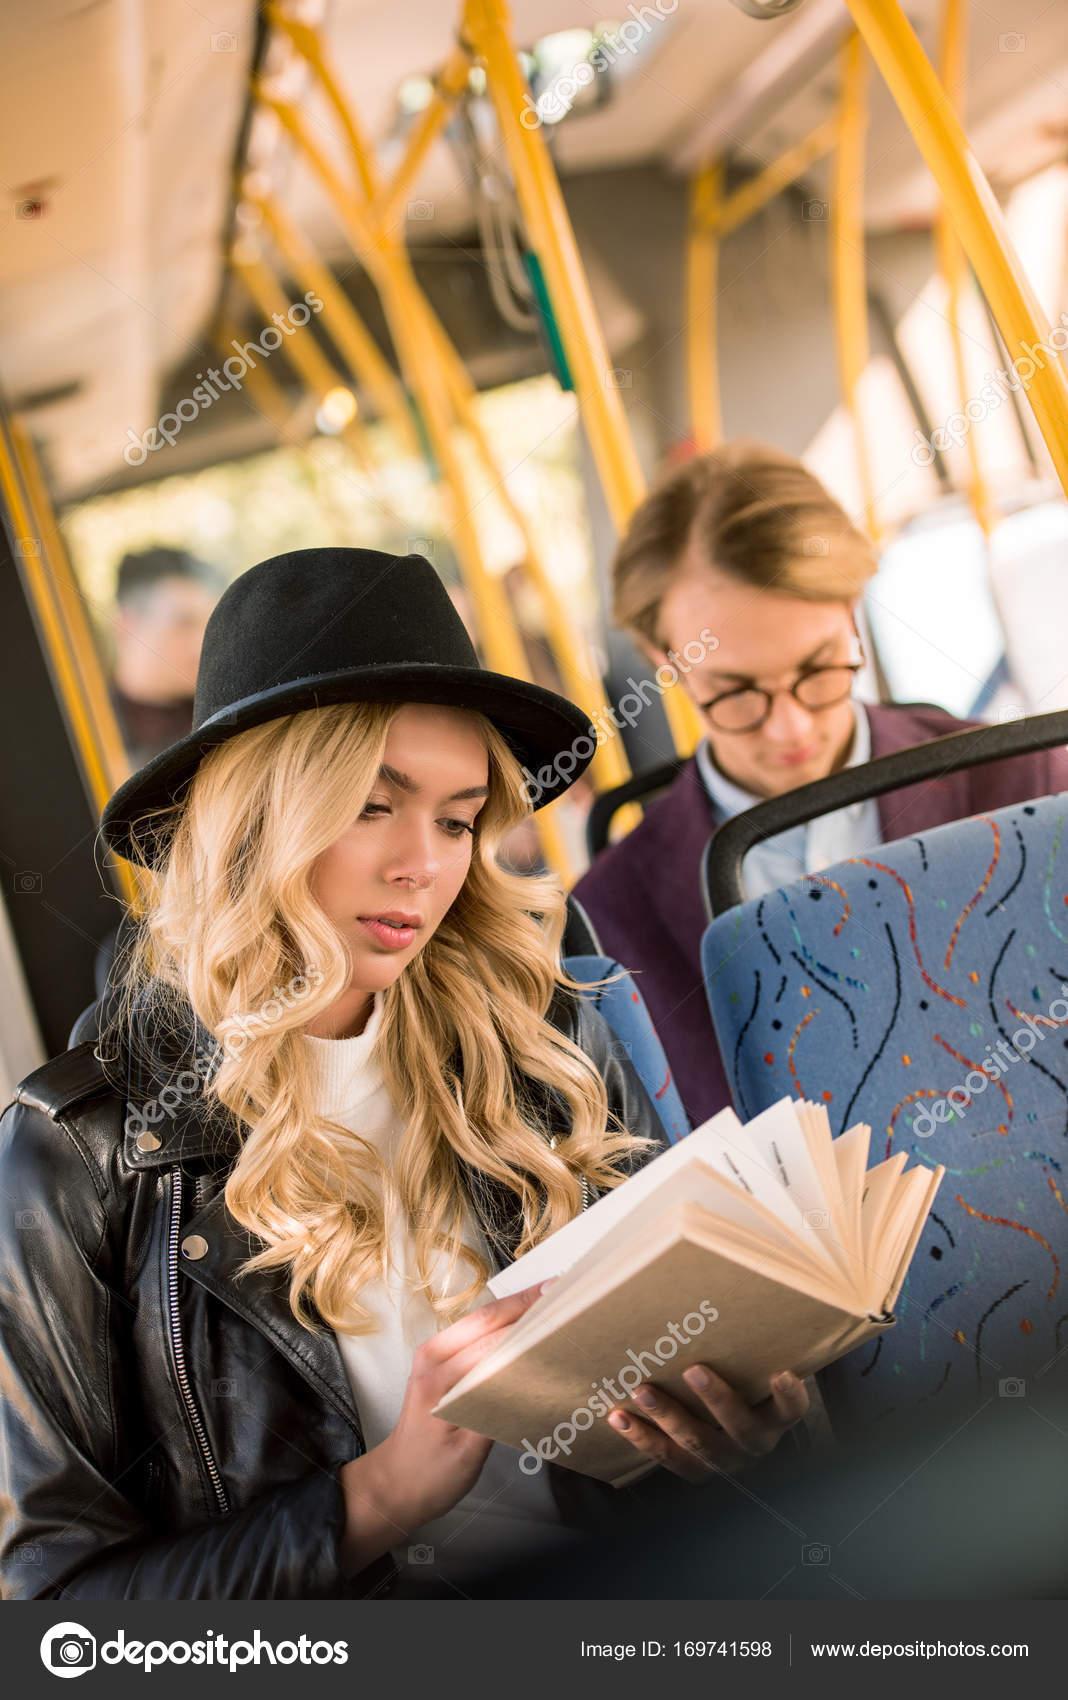 Домашка порно фотка в автобусе с блондинкой